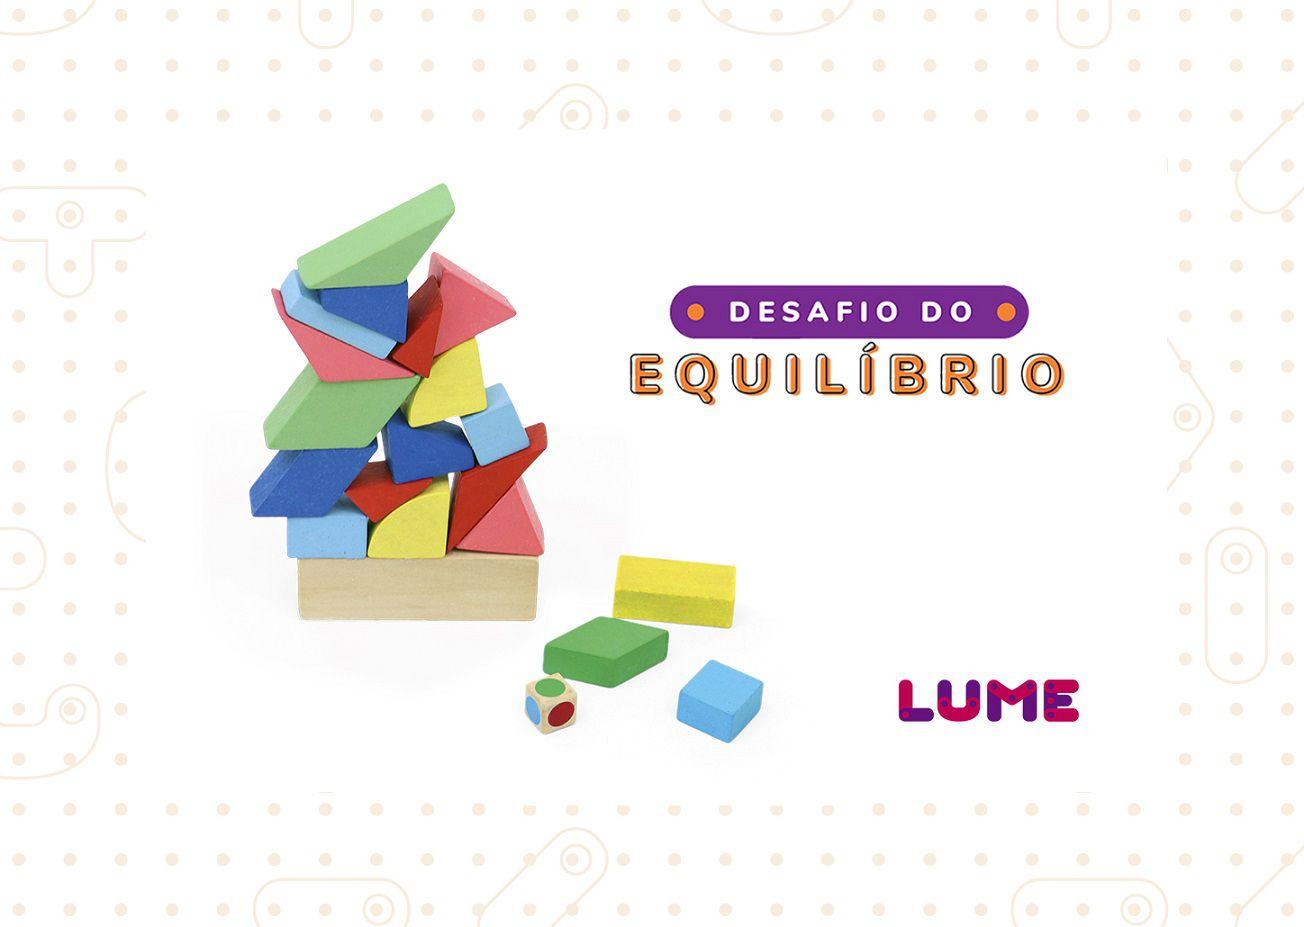 Desafio do Equilíbrio, da Lume - Cód. LM-41